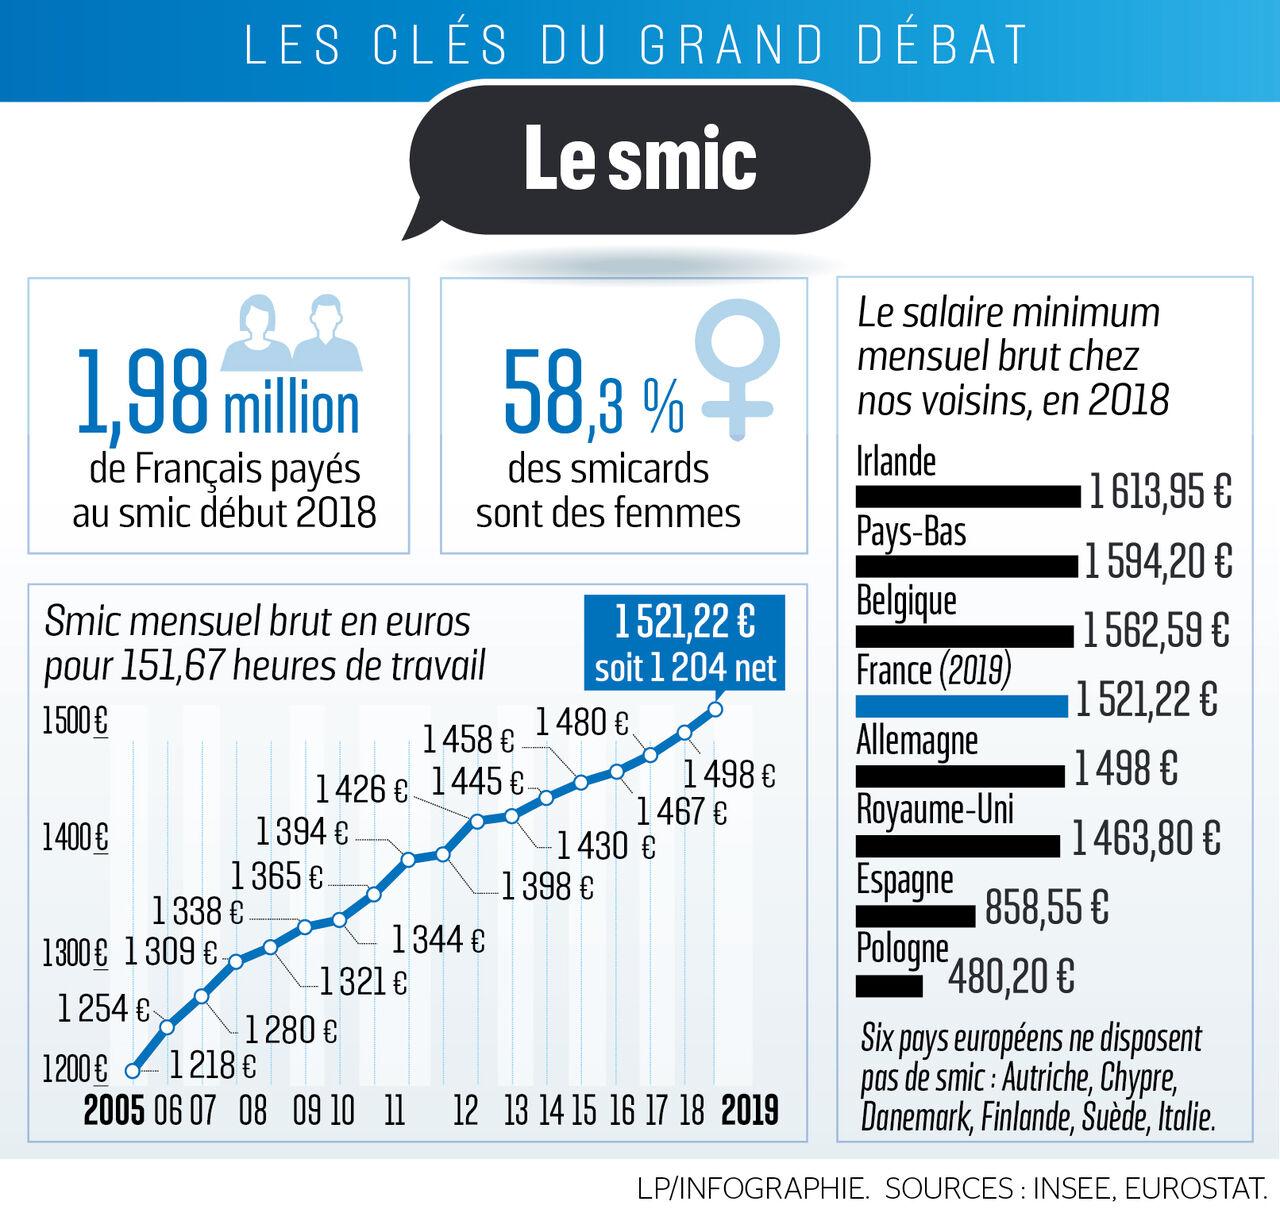 Grand Débat Et Si Le Smic Passait à 1300 Euros Net Le